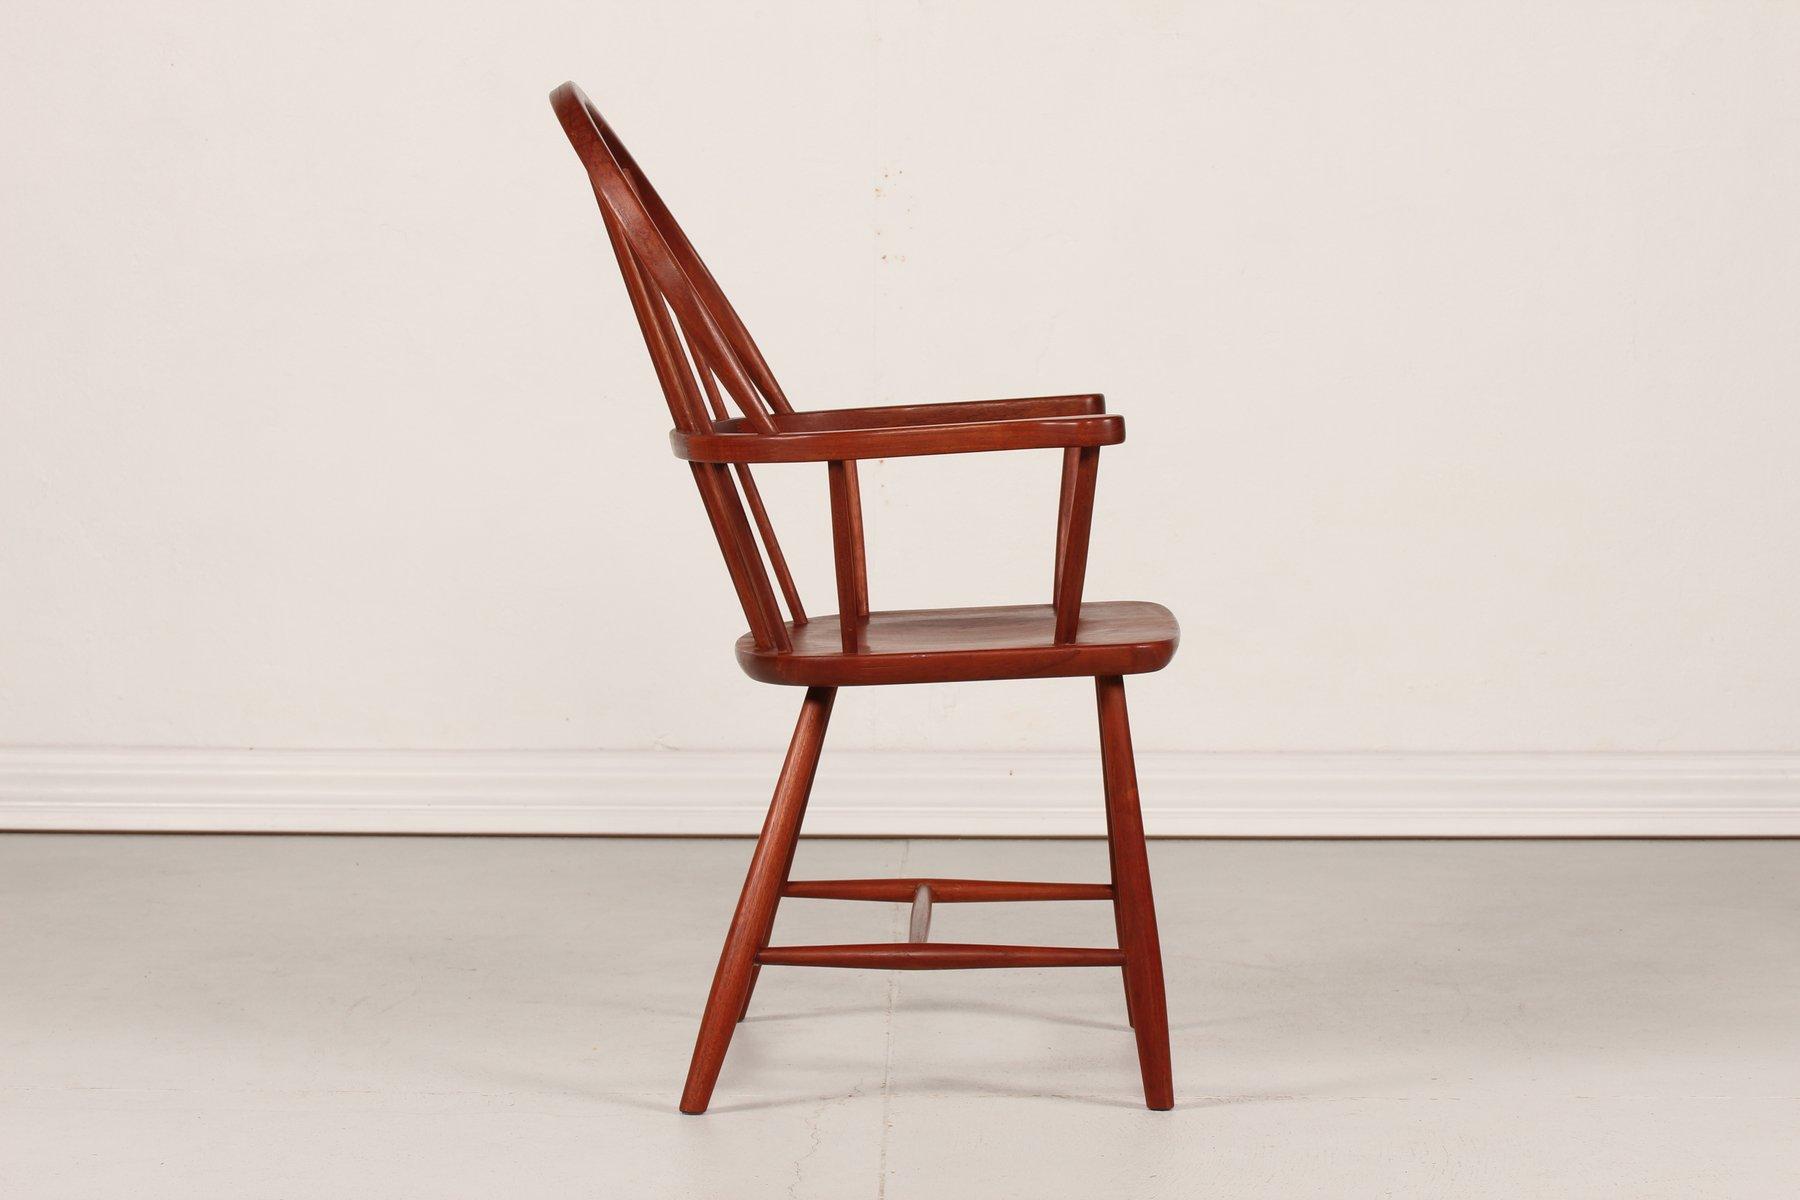 D nischer mid century windsor stuhl aus teakholz bei pamono kaufen - Mid century stuhl ...